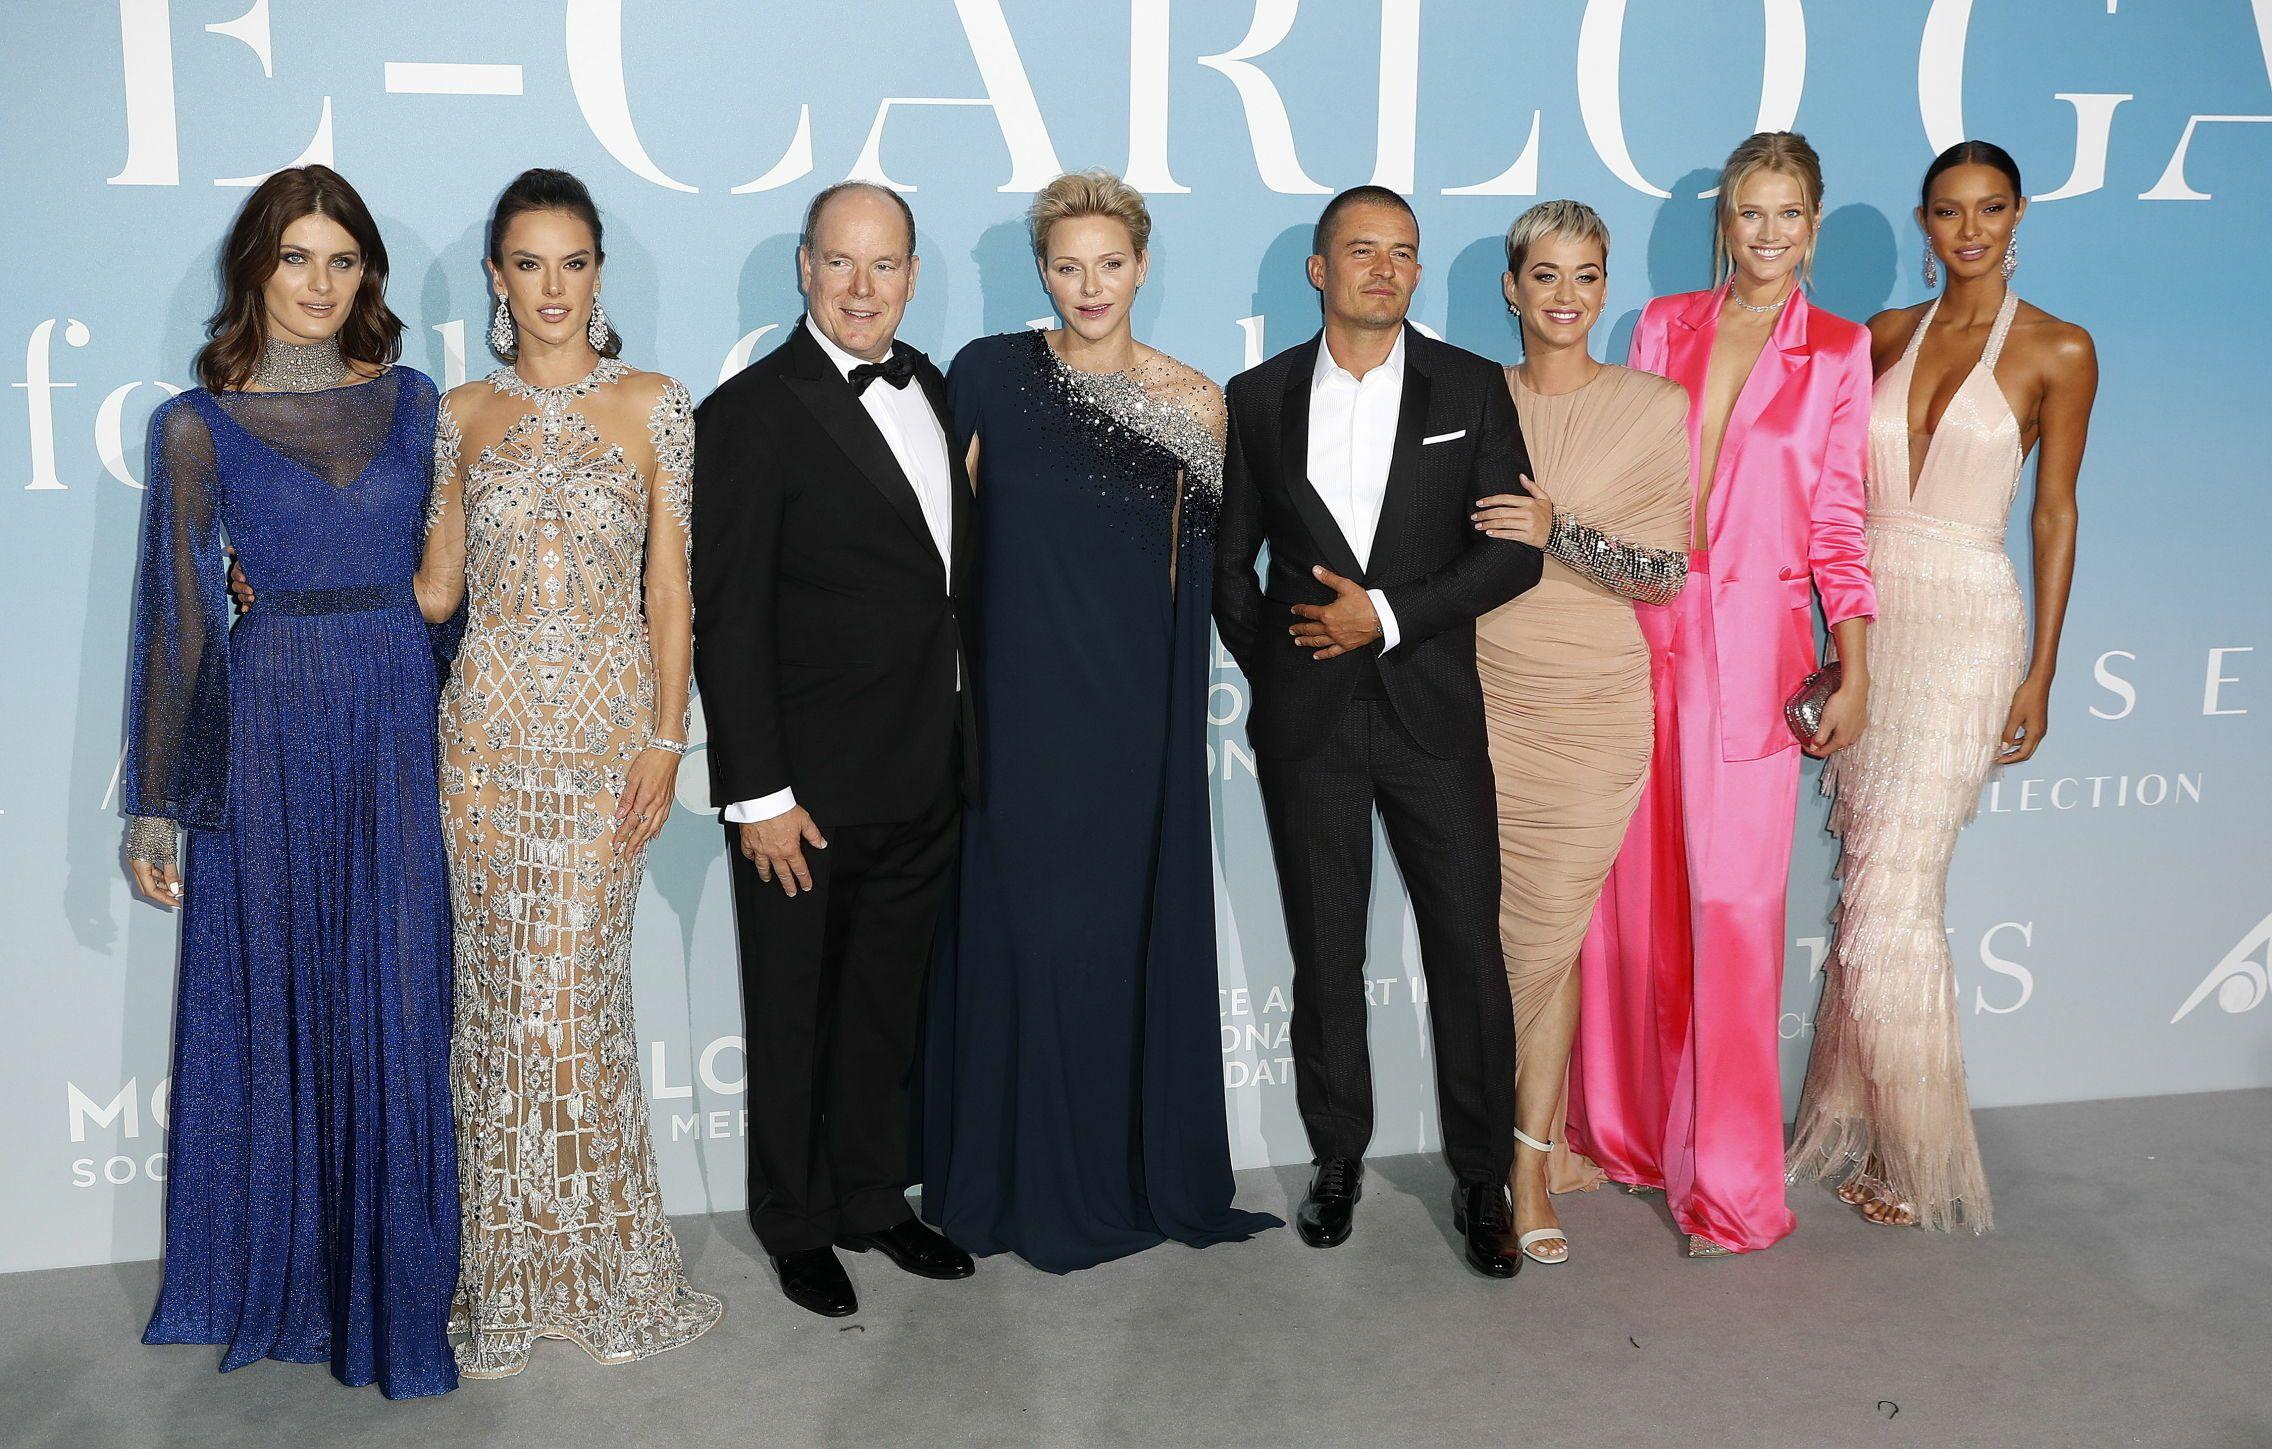 Los príncipes de Mónaco, junto Alessandra Ambrosio, Toni Garrn y otros invitados. (EFE)